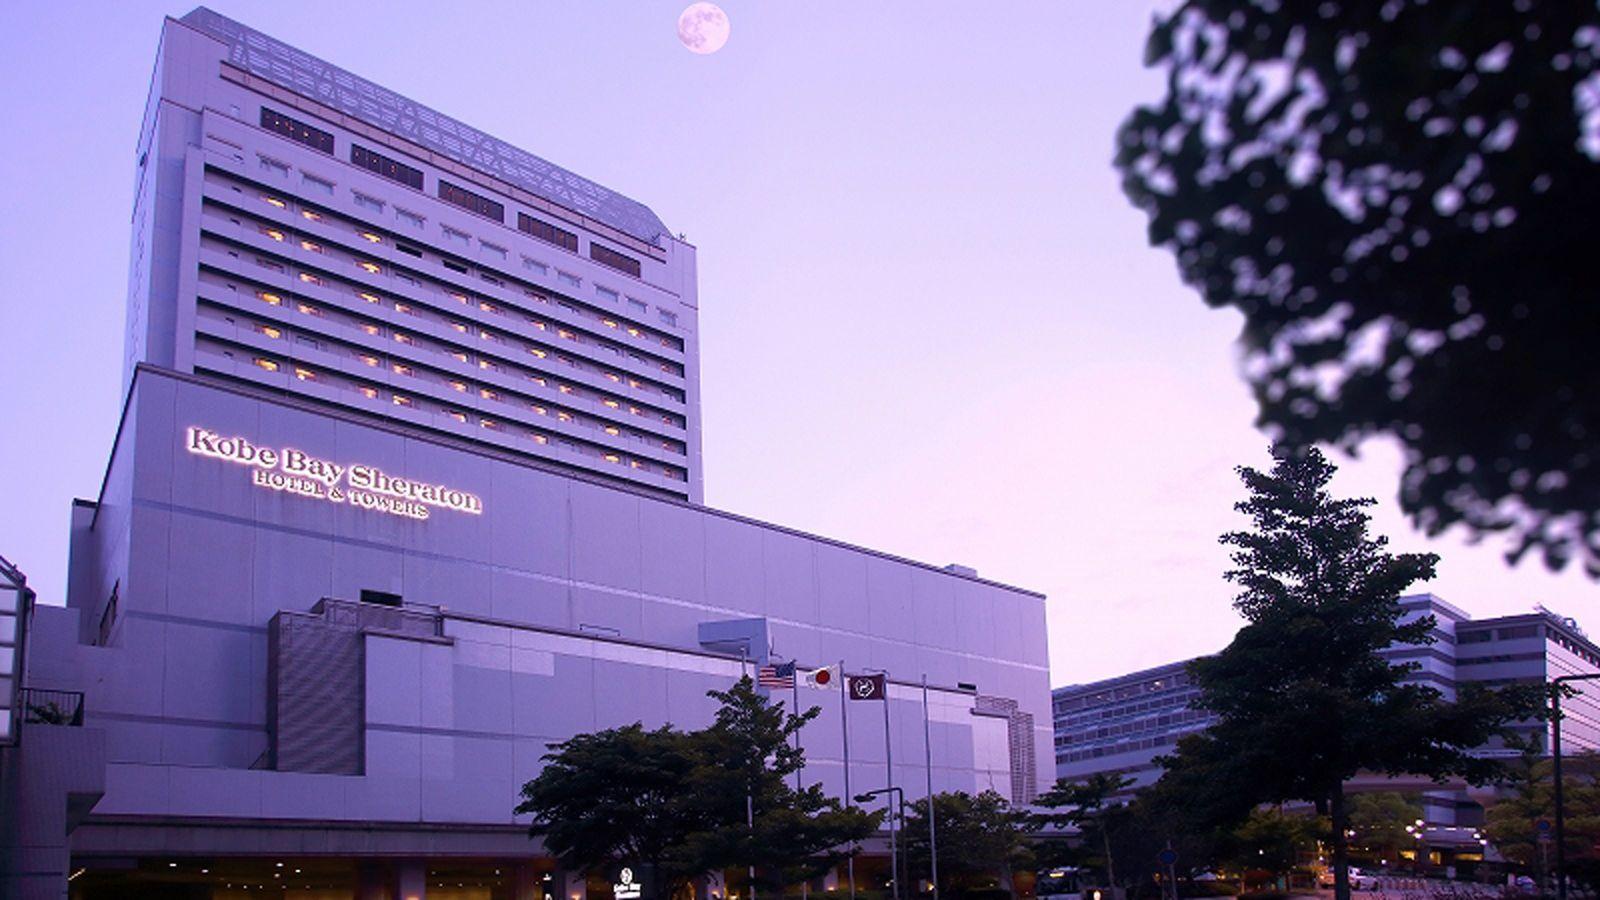 神戸のシェラトンが「温泉&浴衣」になった納得の事情 ホテルニューアワジの再生戦略